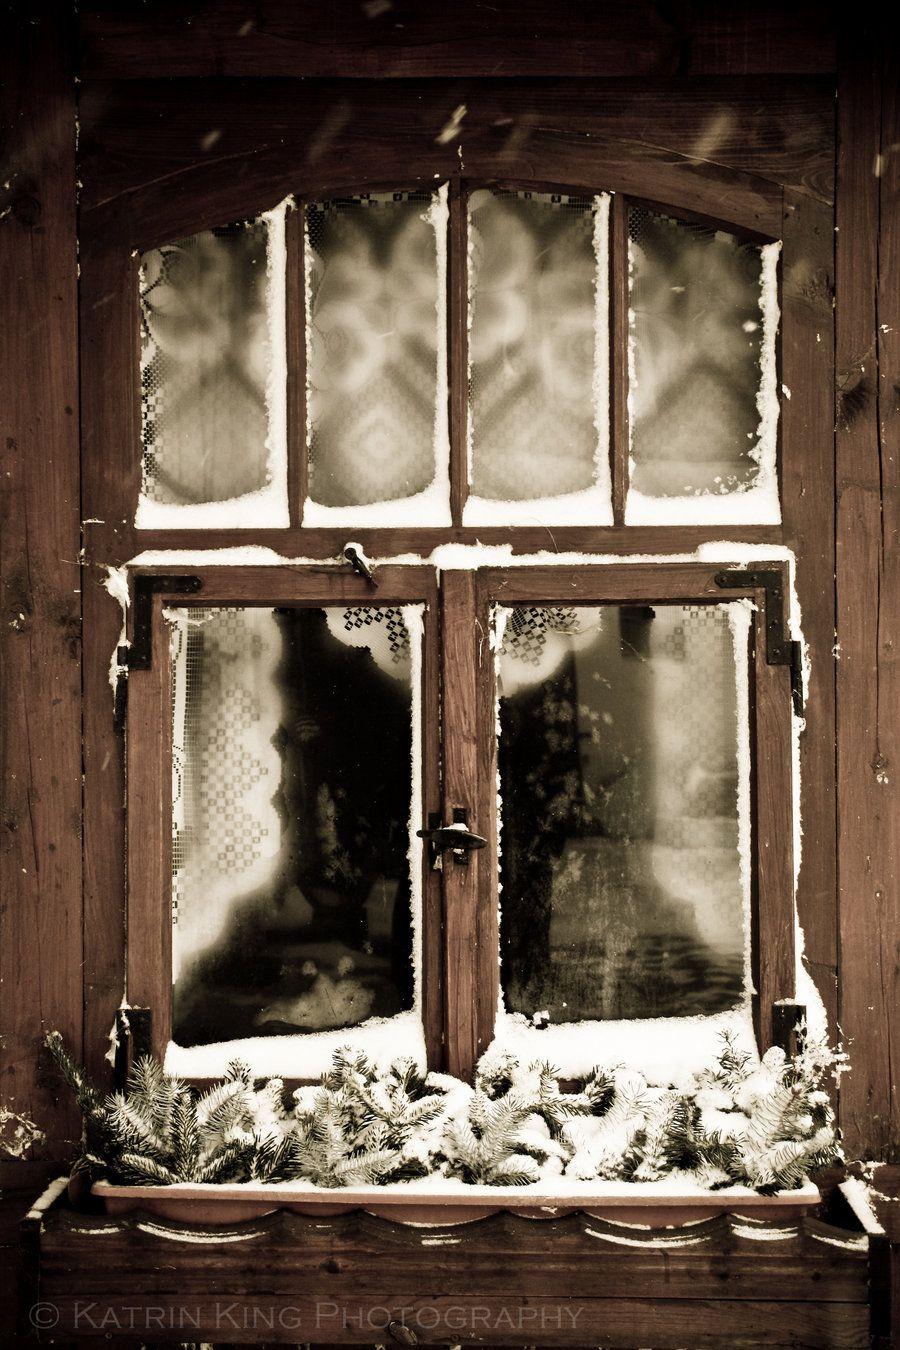 Winterzauber in der scheune einladungskarte geburtstag - Dekoration winterzauber ...